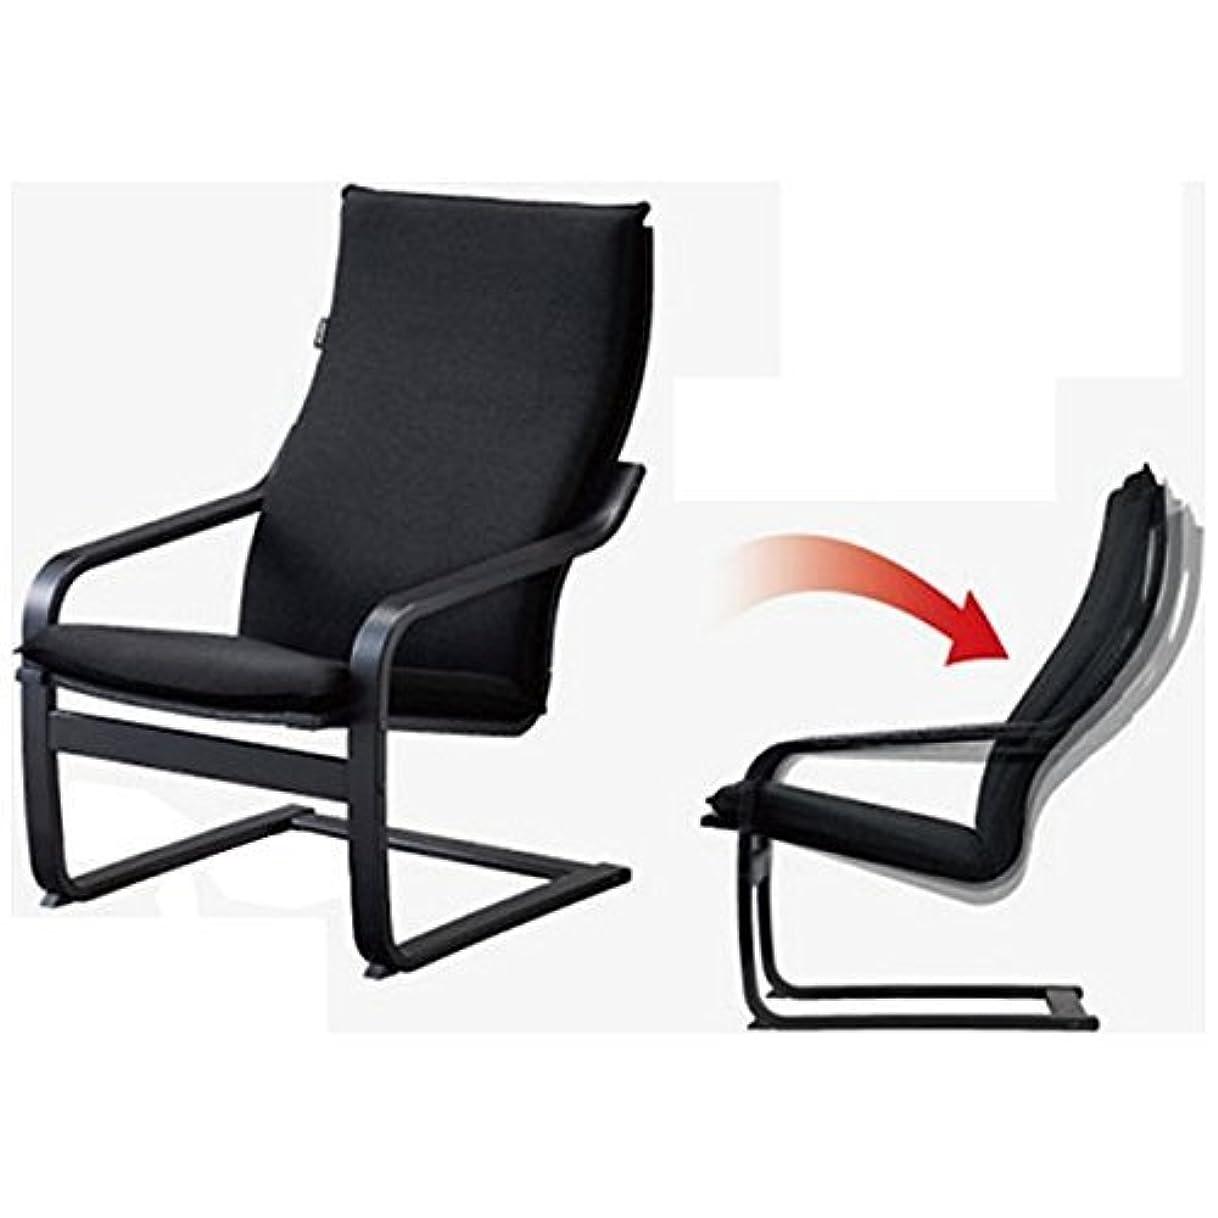 輝く変更消えるフジ医療器 シートマッサージャー用チェア(ブラック)my relax(マイリラ) MRL-10C